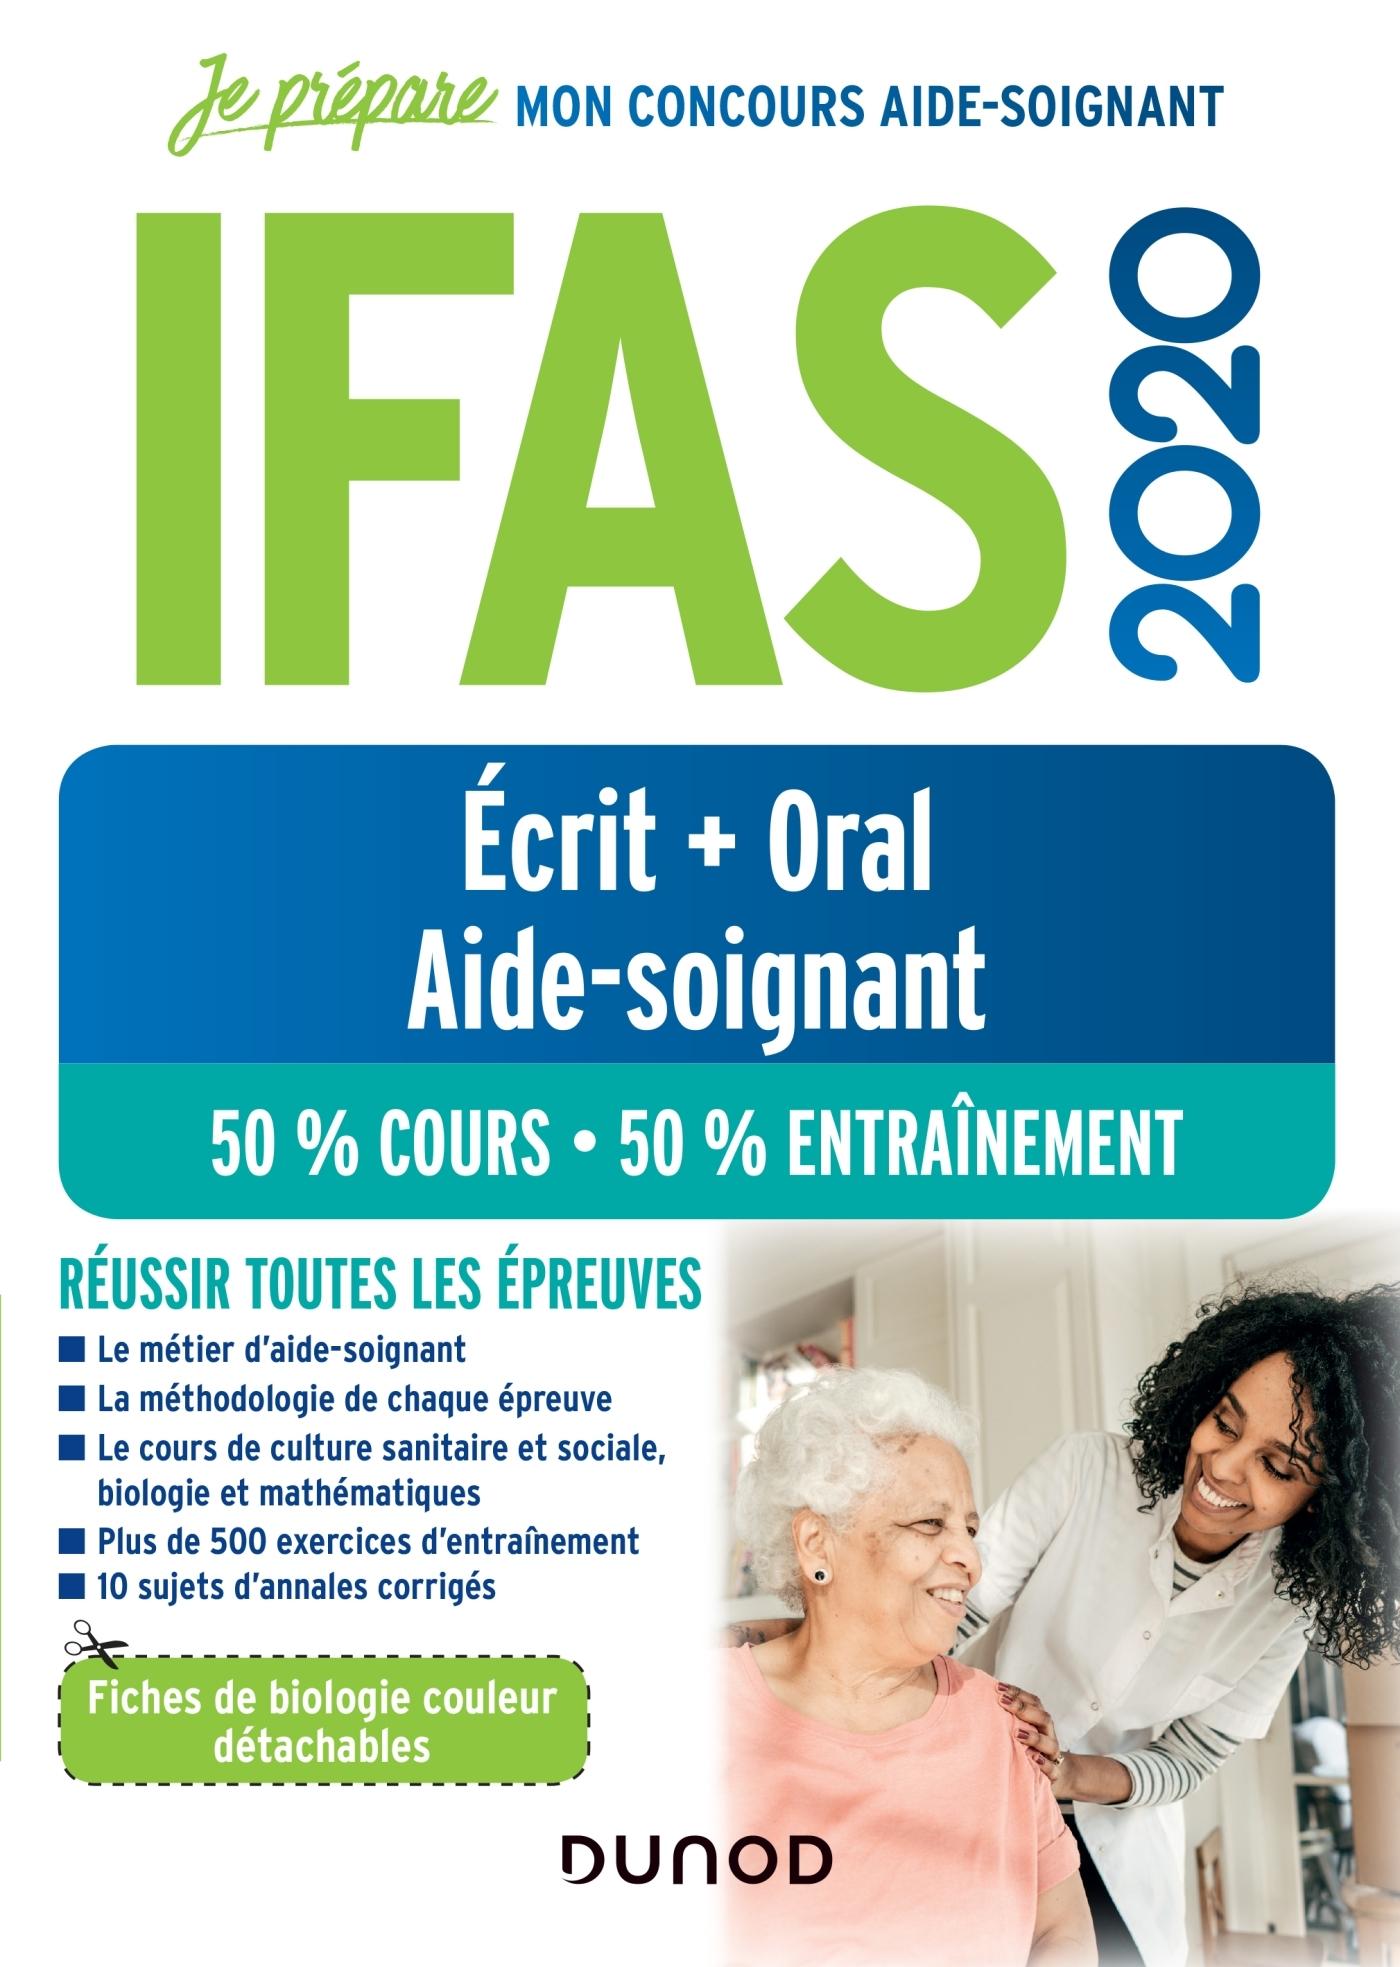 IFAS 2020 ECRIT + ORAL AIDE-SOIGNANT - 50% COURS - 50% ENTRAINEMENT - 50% COURS - 50 % ENTRAINEMENT